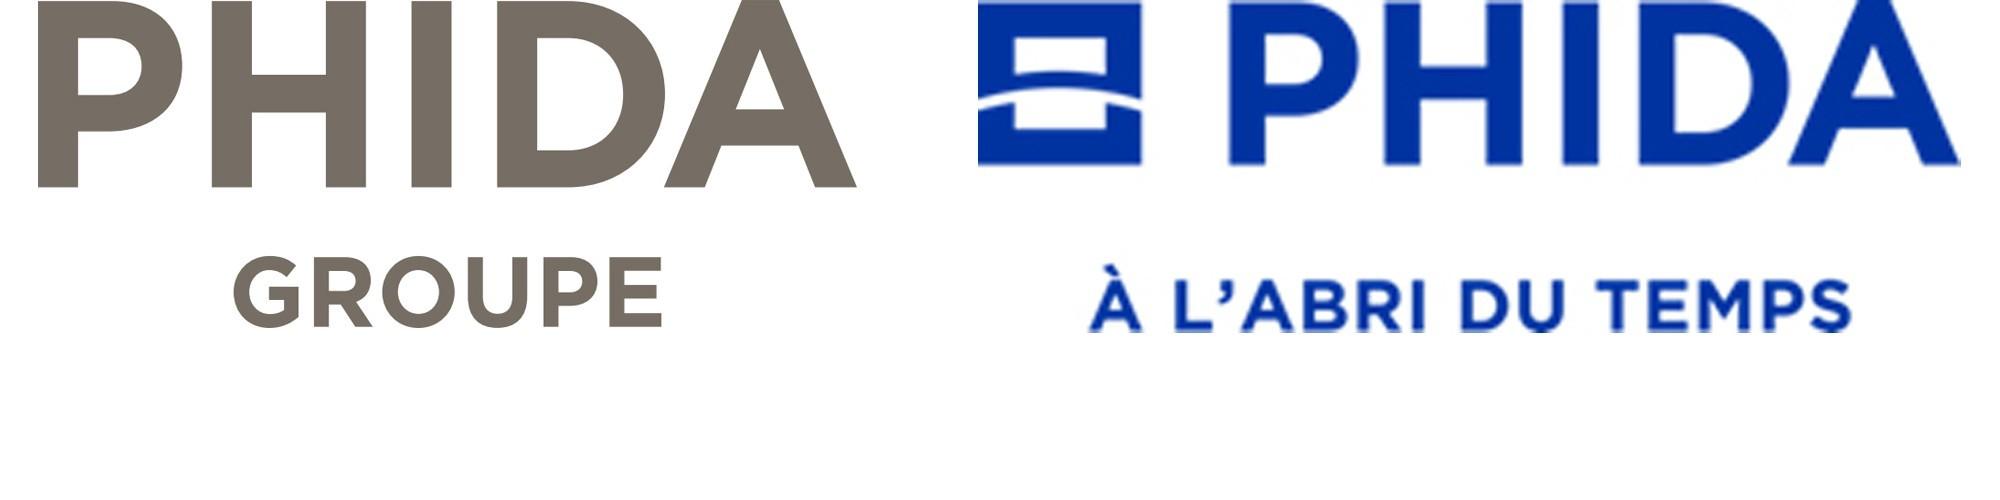 PHIDA logos 2